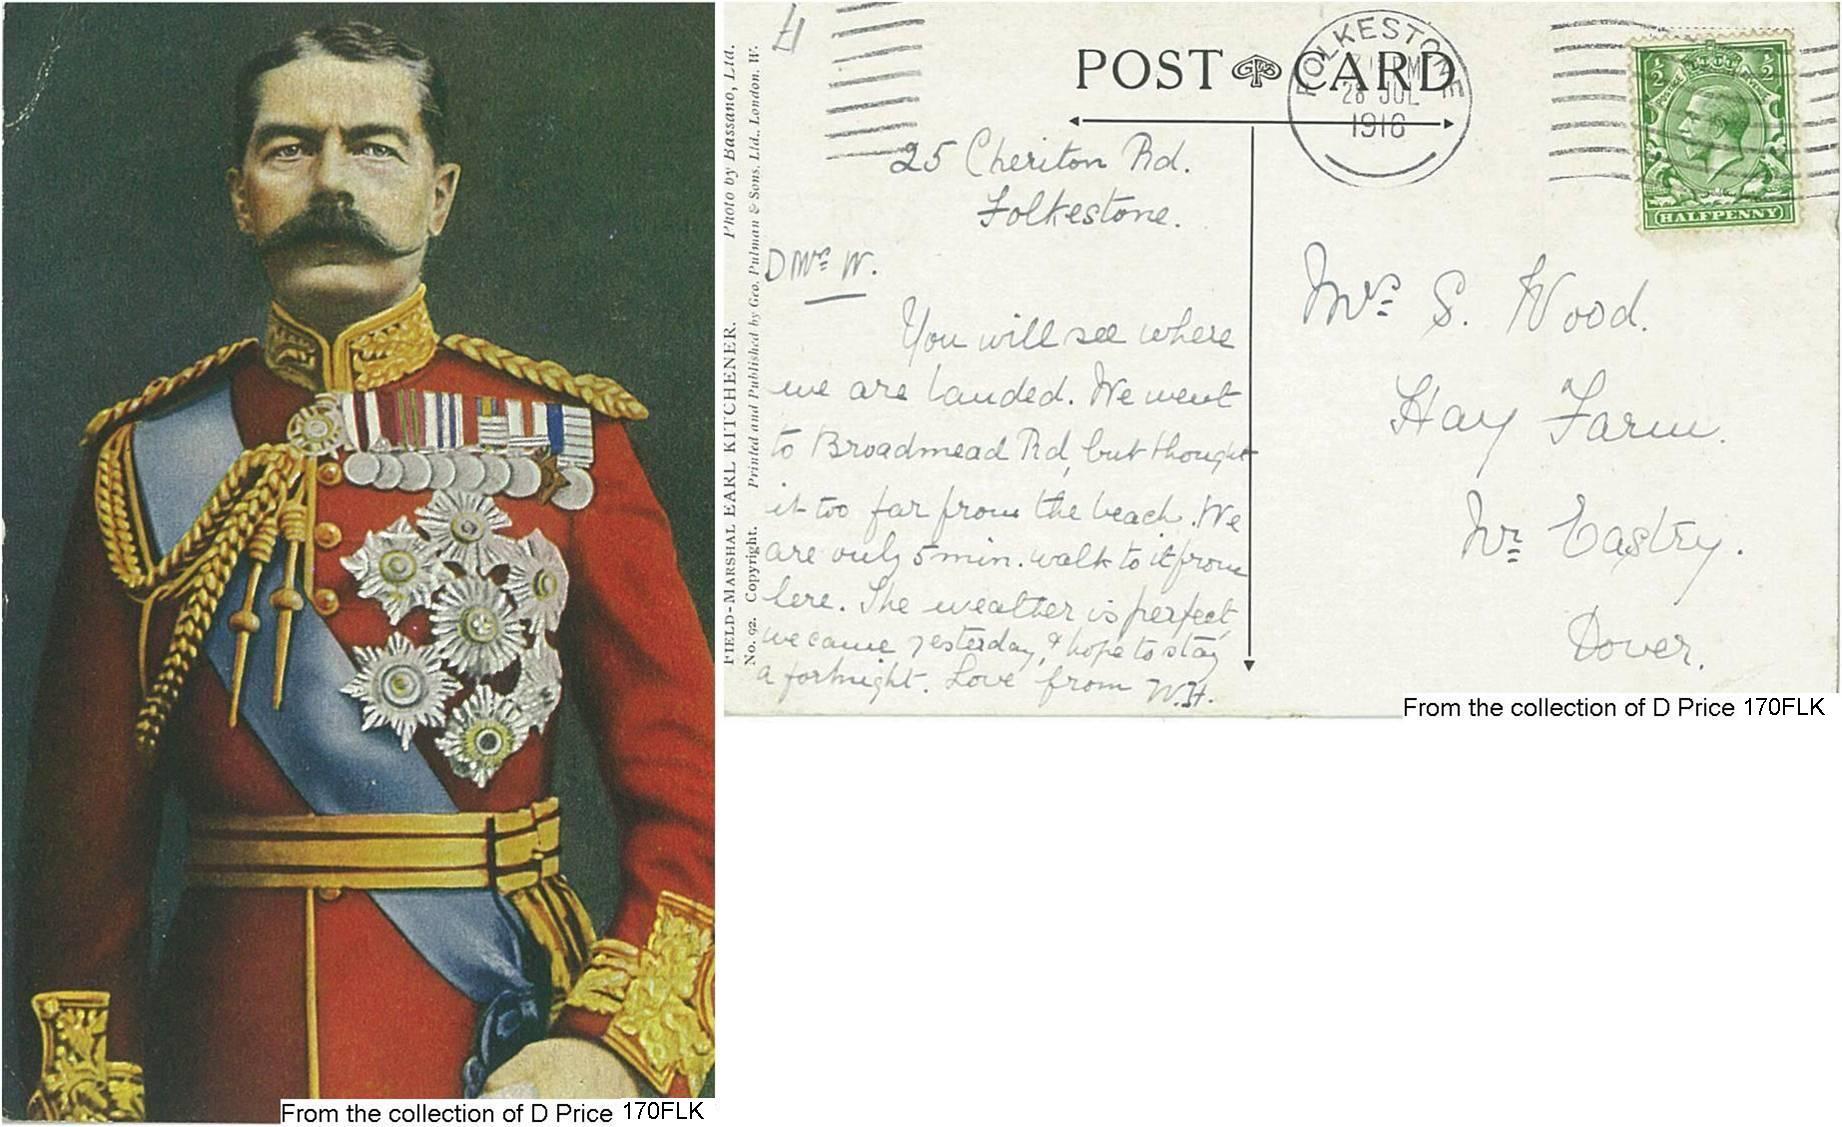 170FLK - Earl Kitchener (Postcard) (Front & Back)